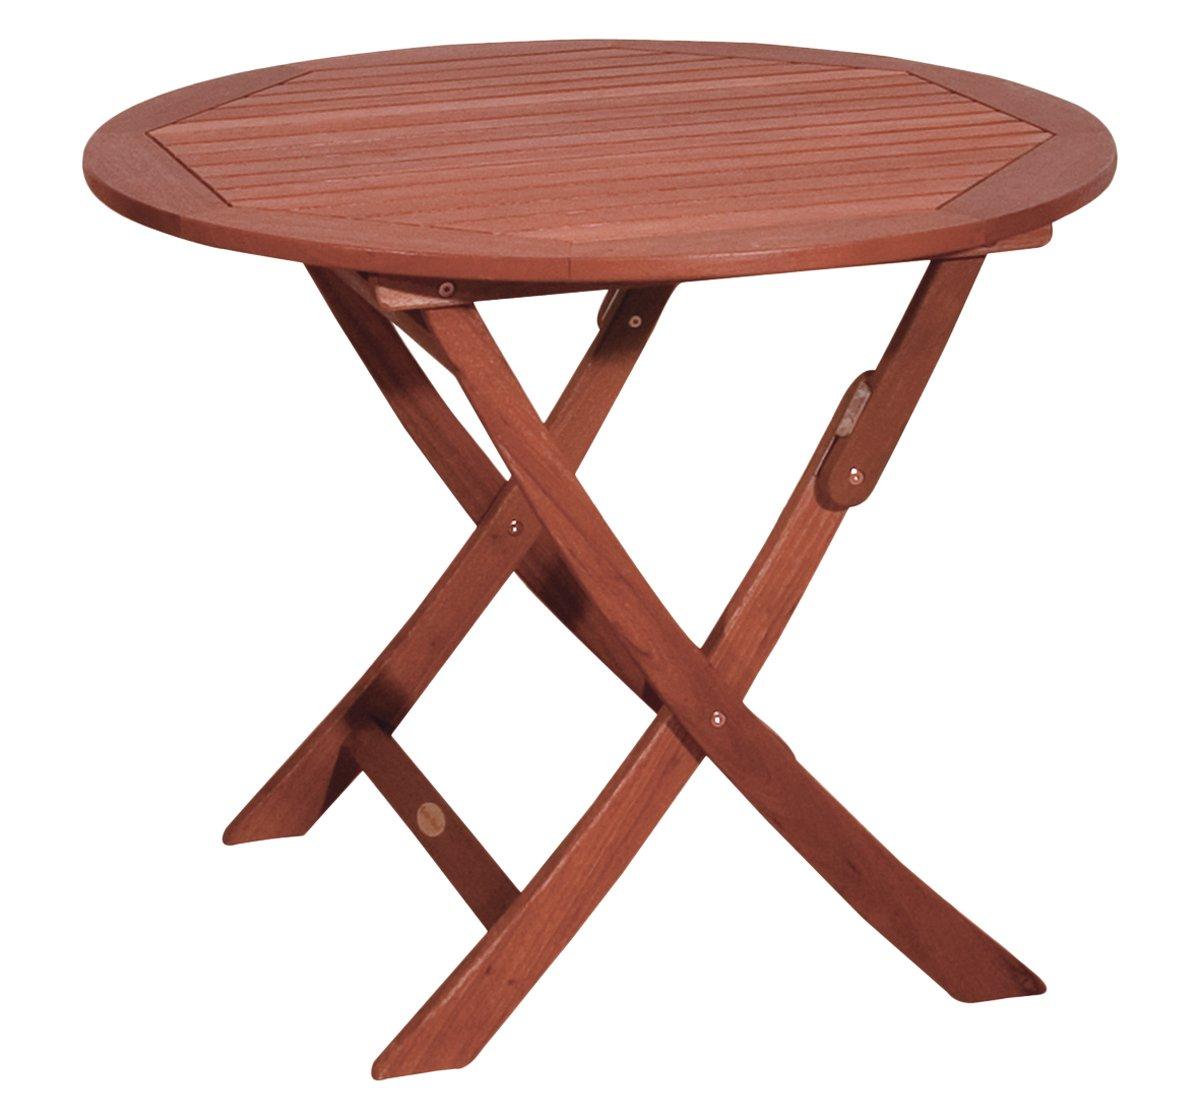 Gravidus klappbarer Gartentisch aus Eukalyptusholz, ca. 90 cm Durchmesser